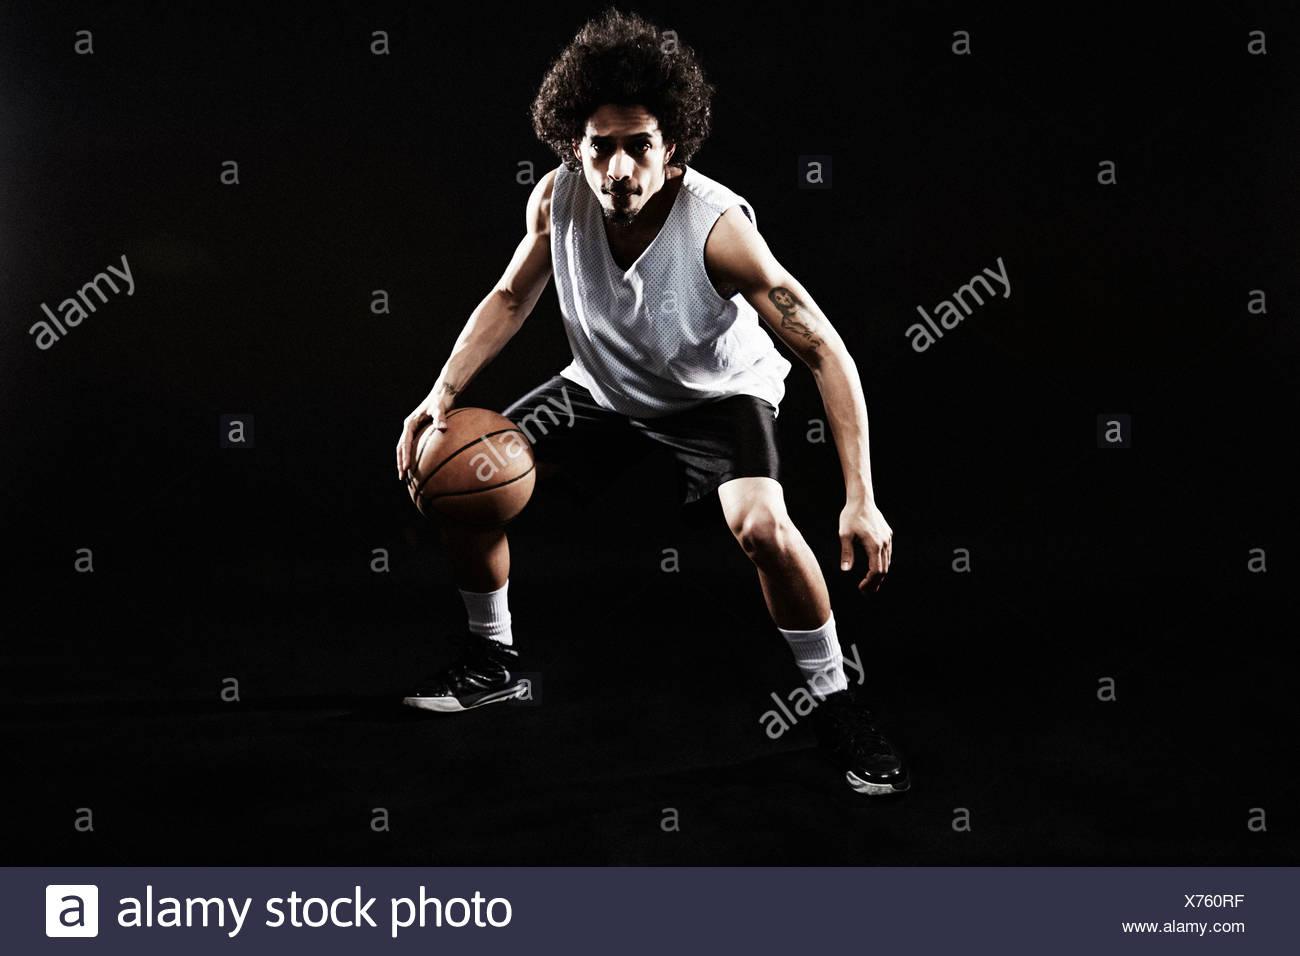 Basketball-Spieler Basketball Prellen Stockbild